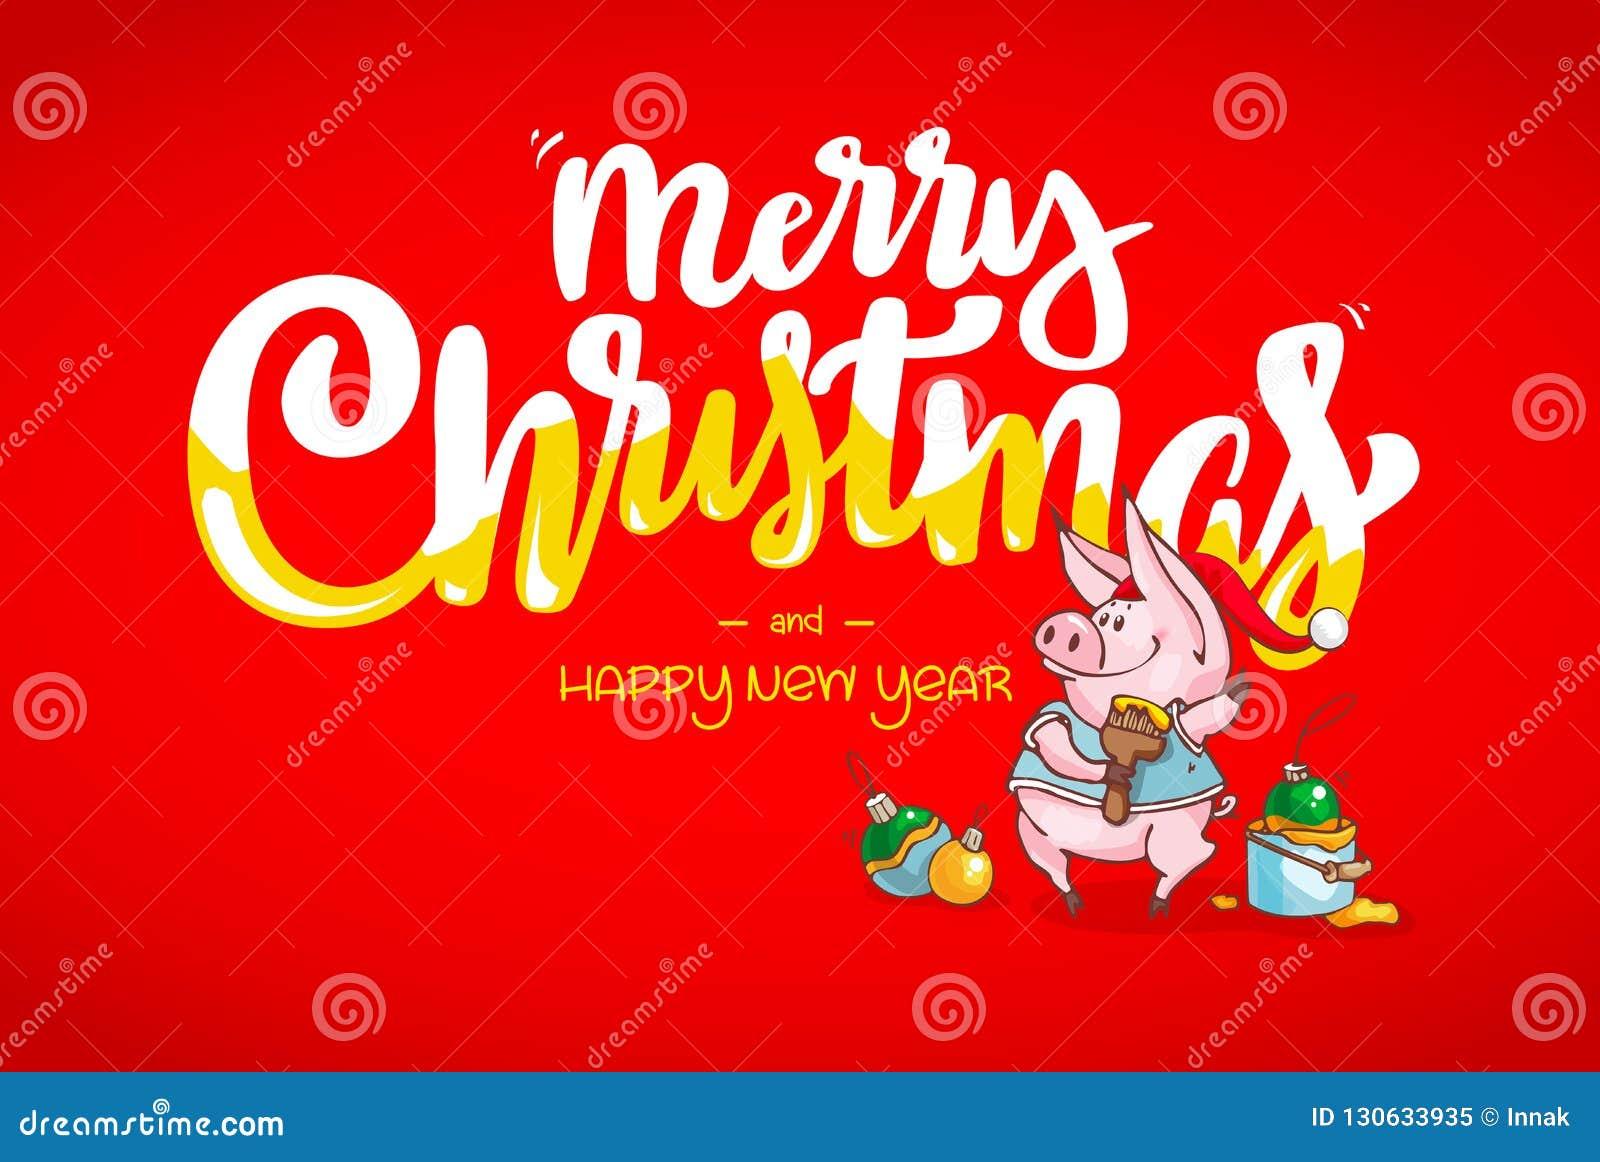 Immagini Auguri Di Natale E Buon Anno.Cartolina D Auguri Di Buon Natale E Del Buon Anno Decorazioni Di